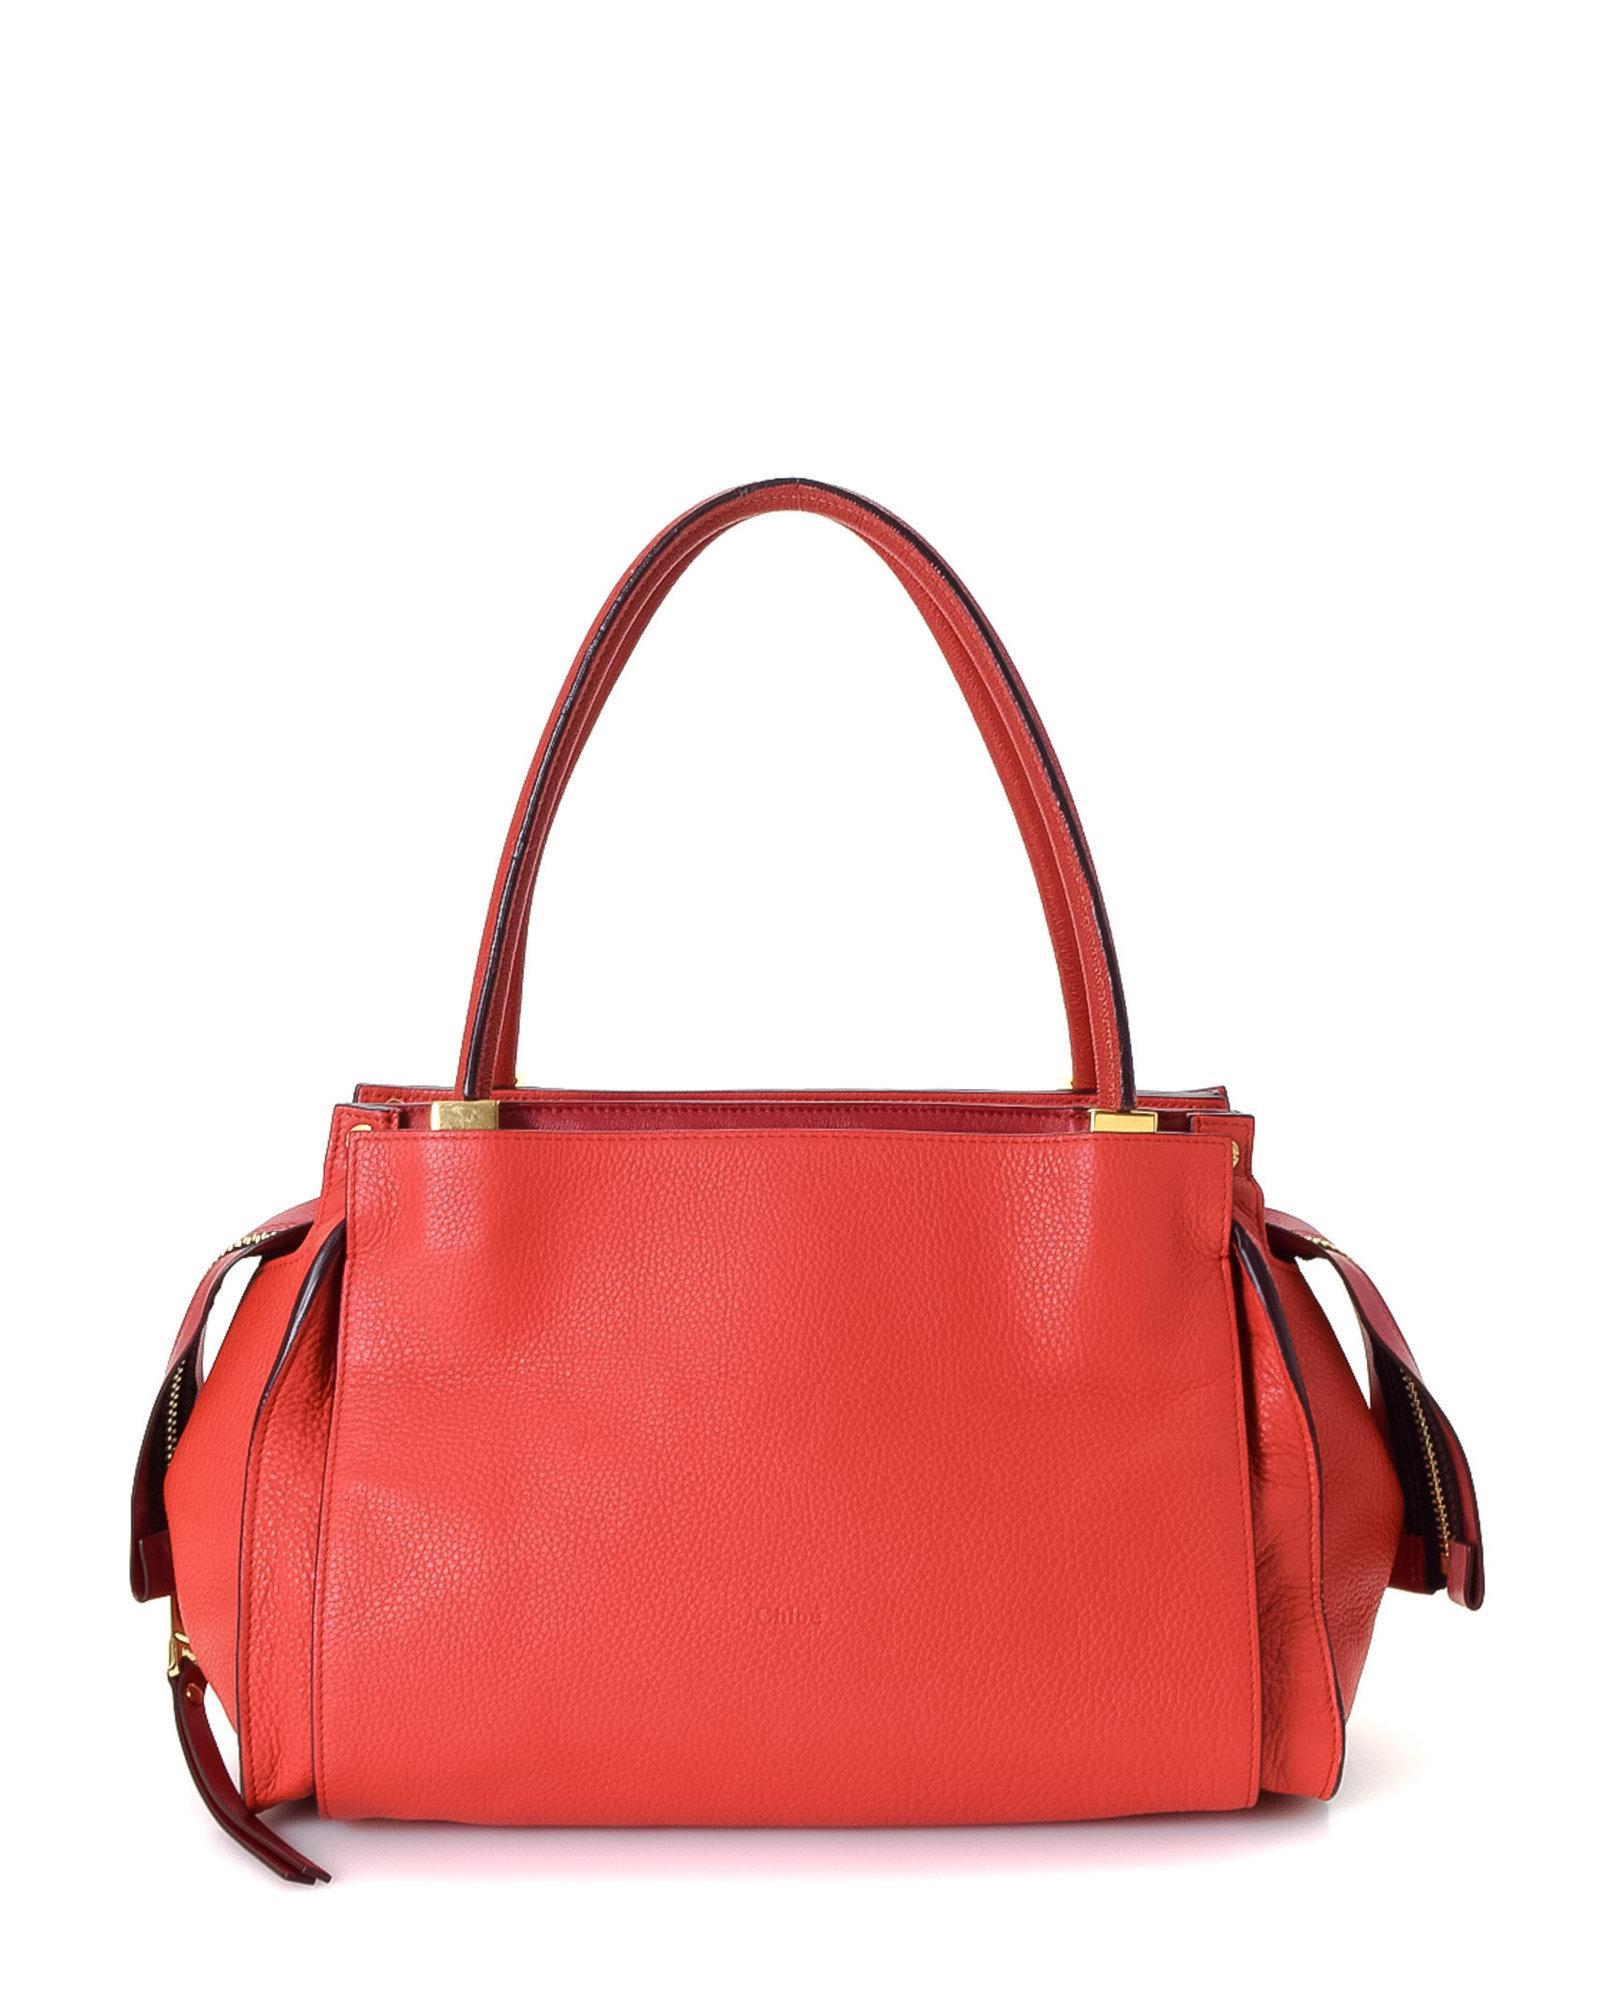 aaaa9fbfd6 Lyst - Chloé Dree Handbag - Vintage in Red